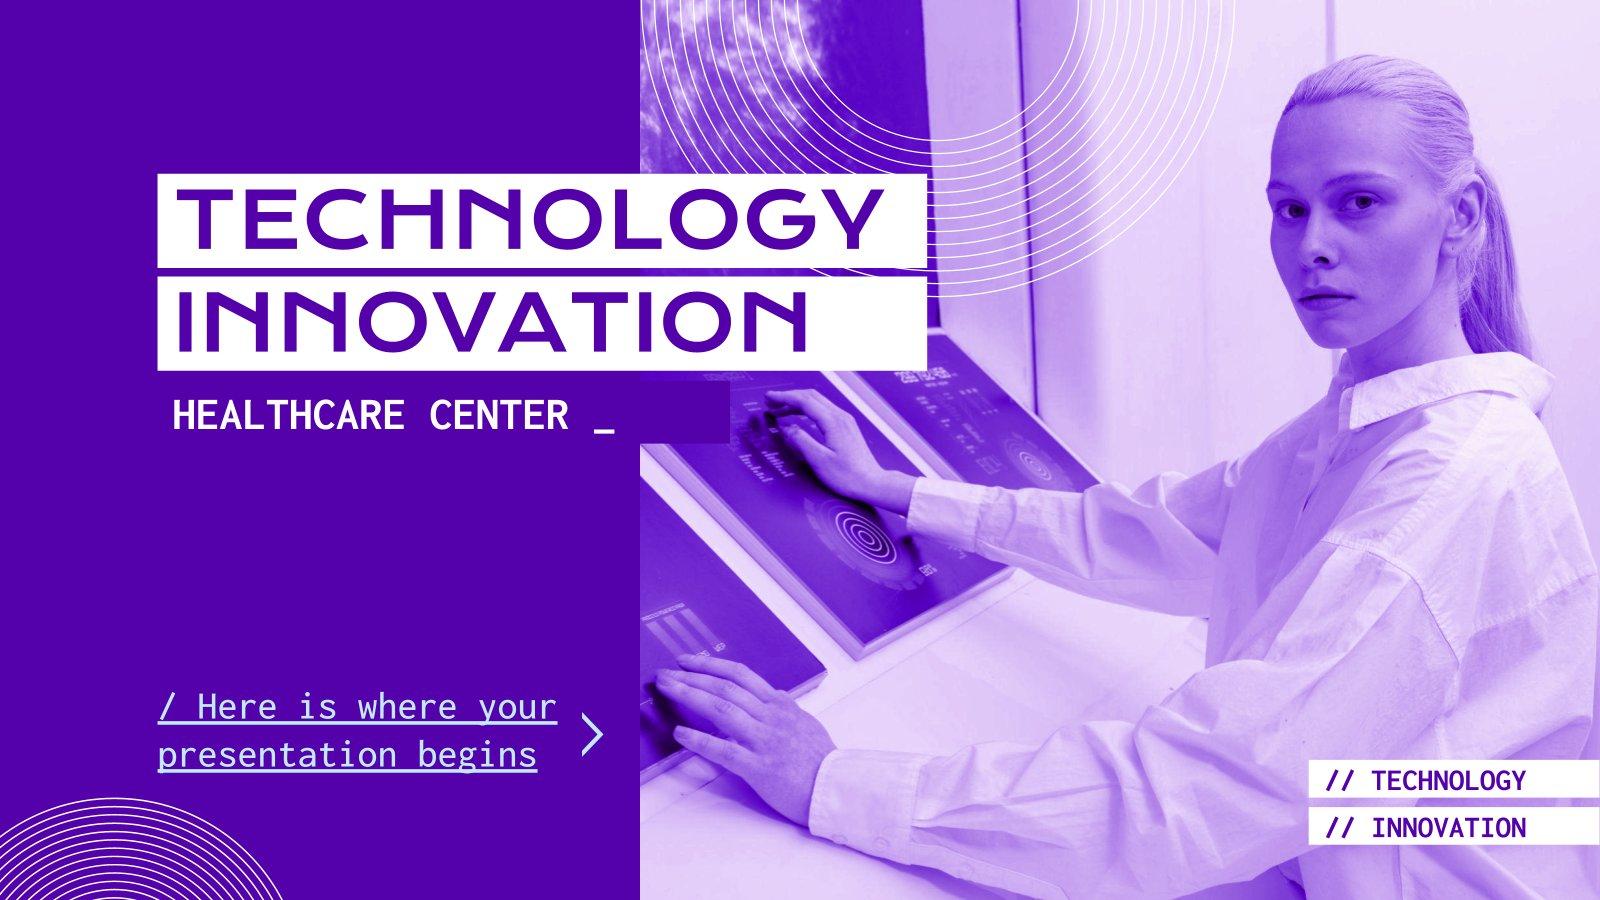 Modelo de apresentação Centro de saúde e inovação tecnológica